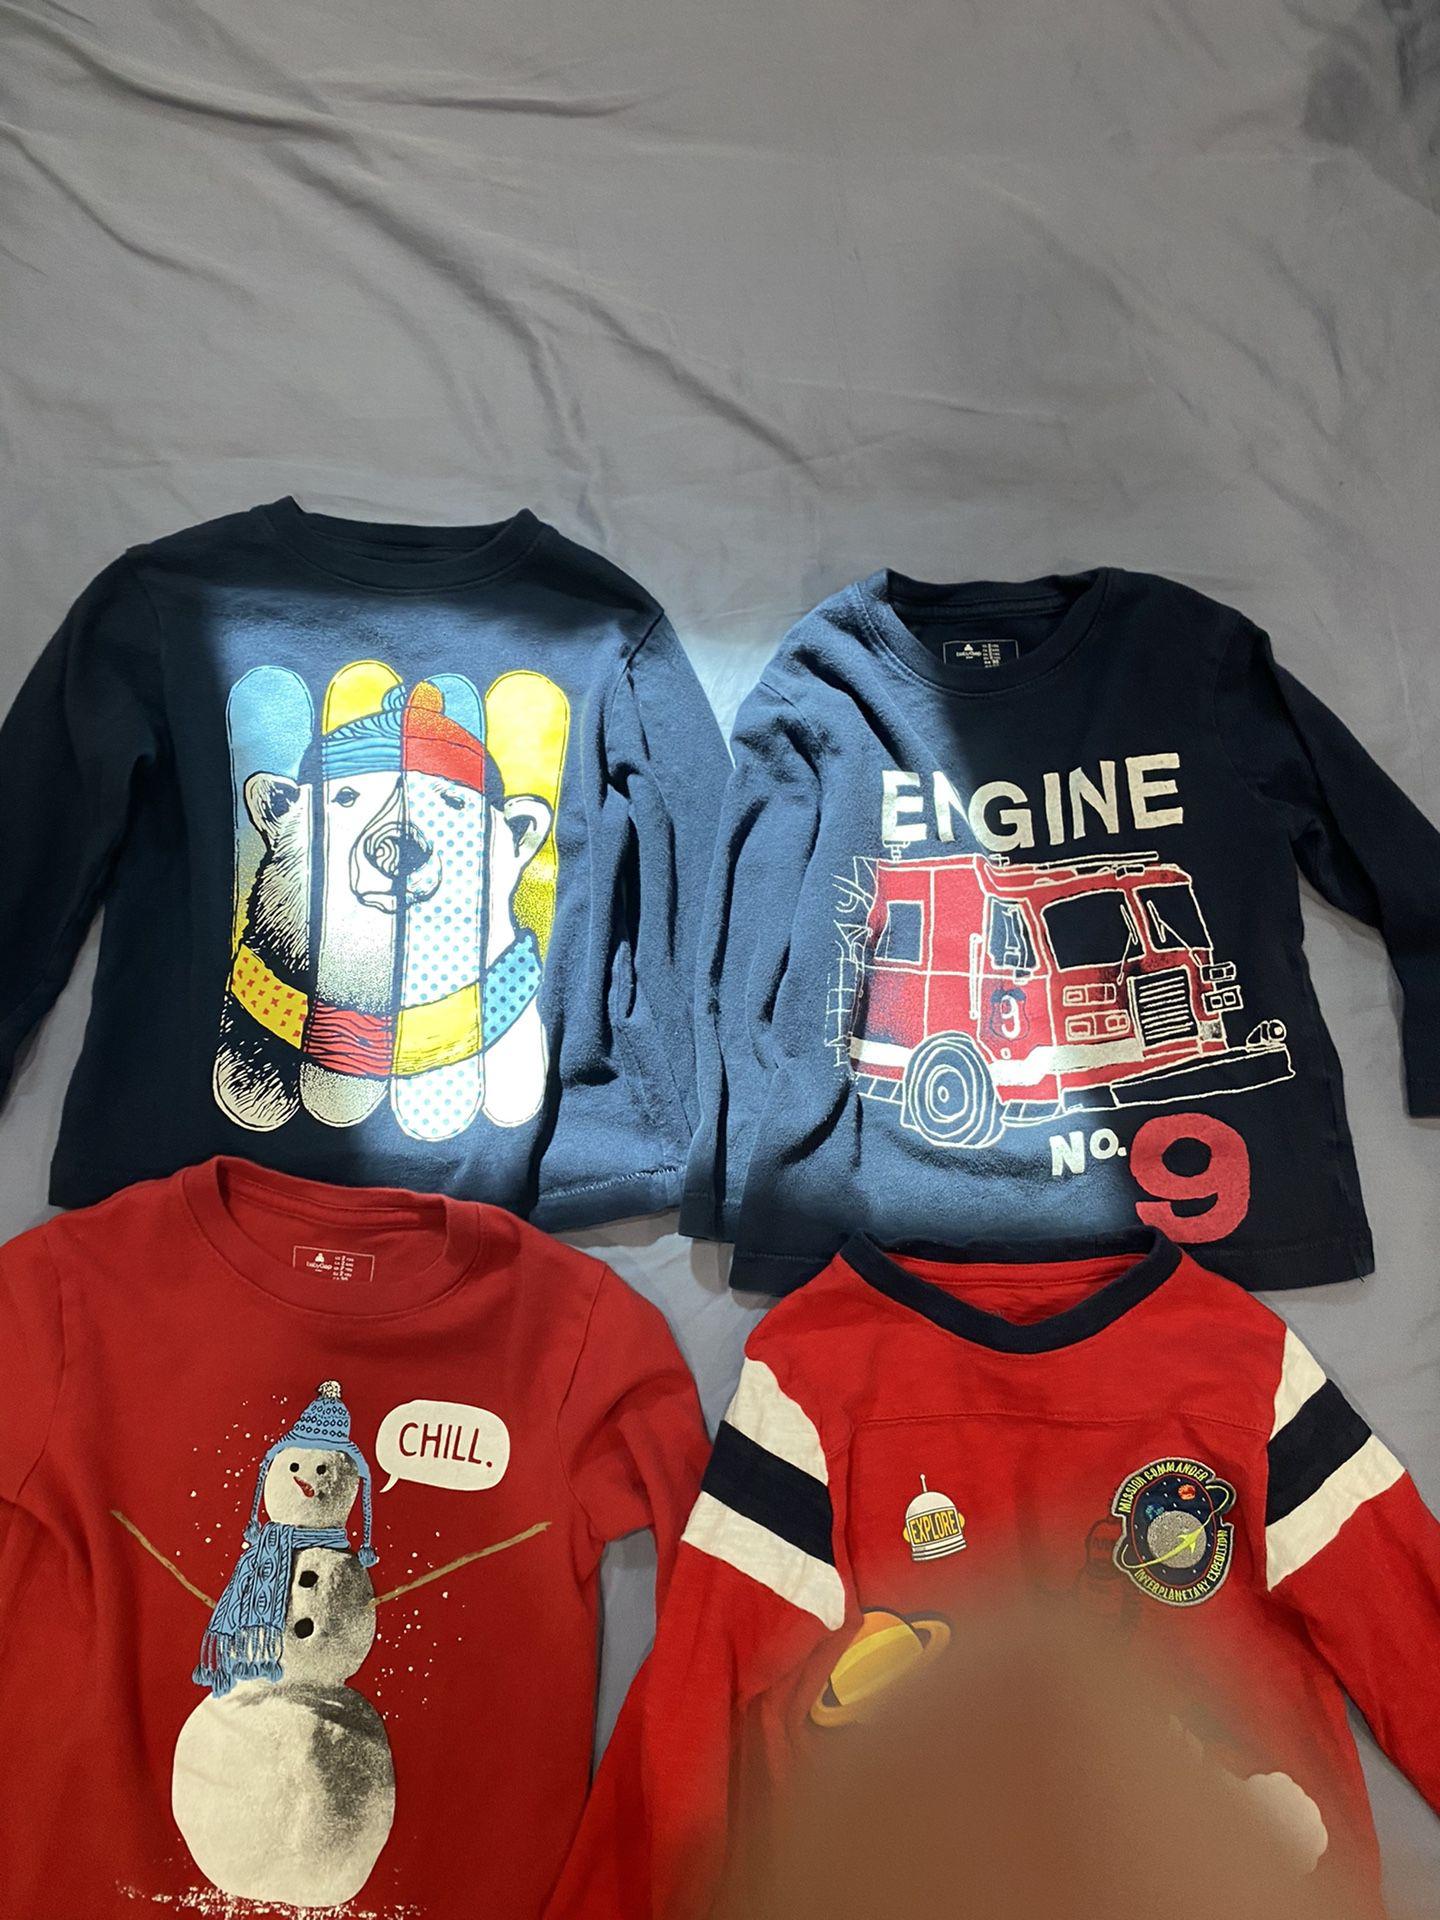 4-2T baby Gap toddler boy shirts